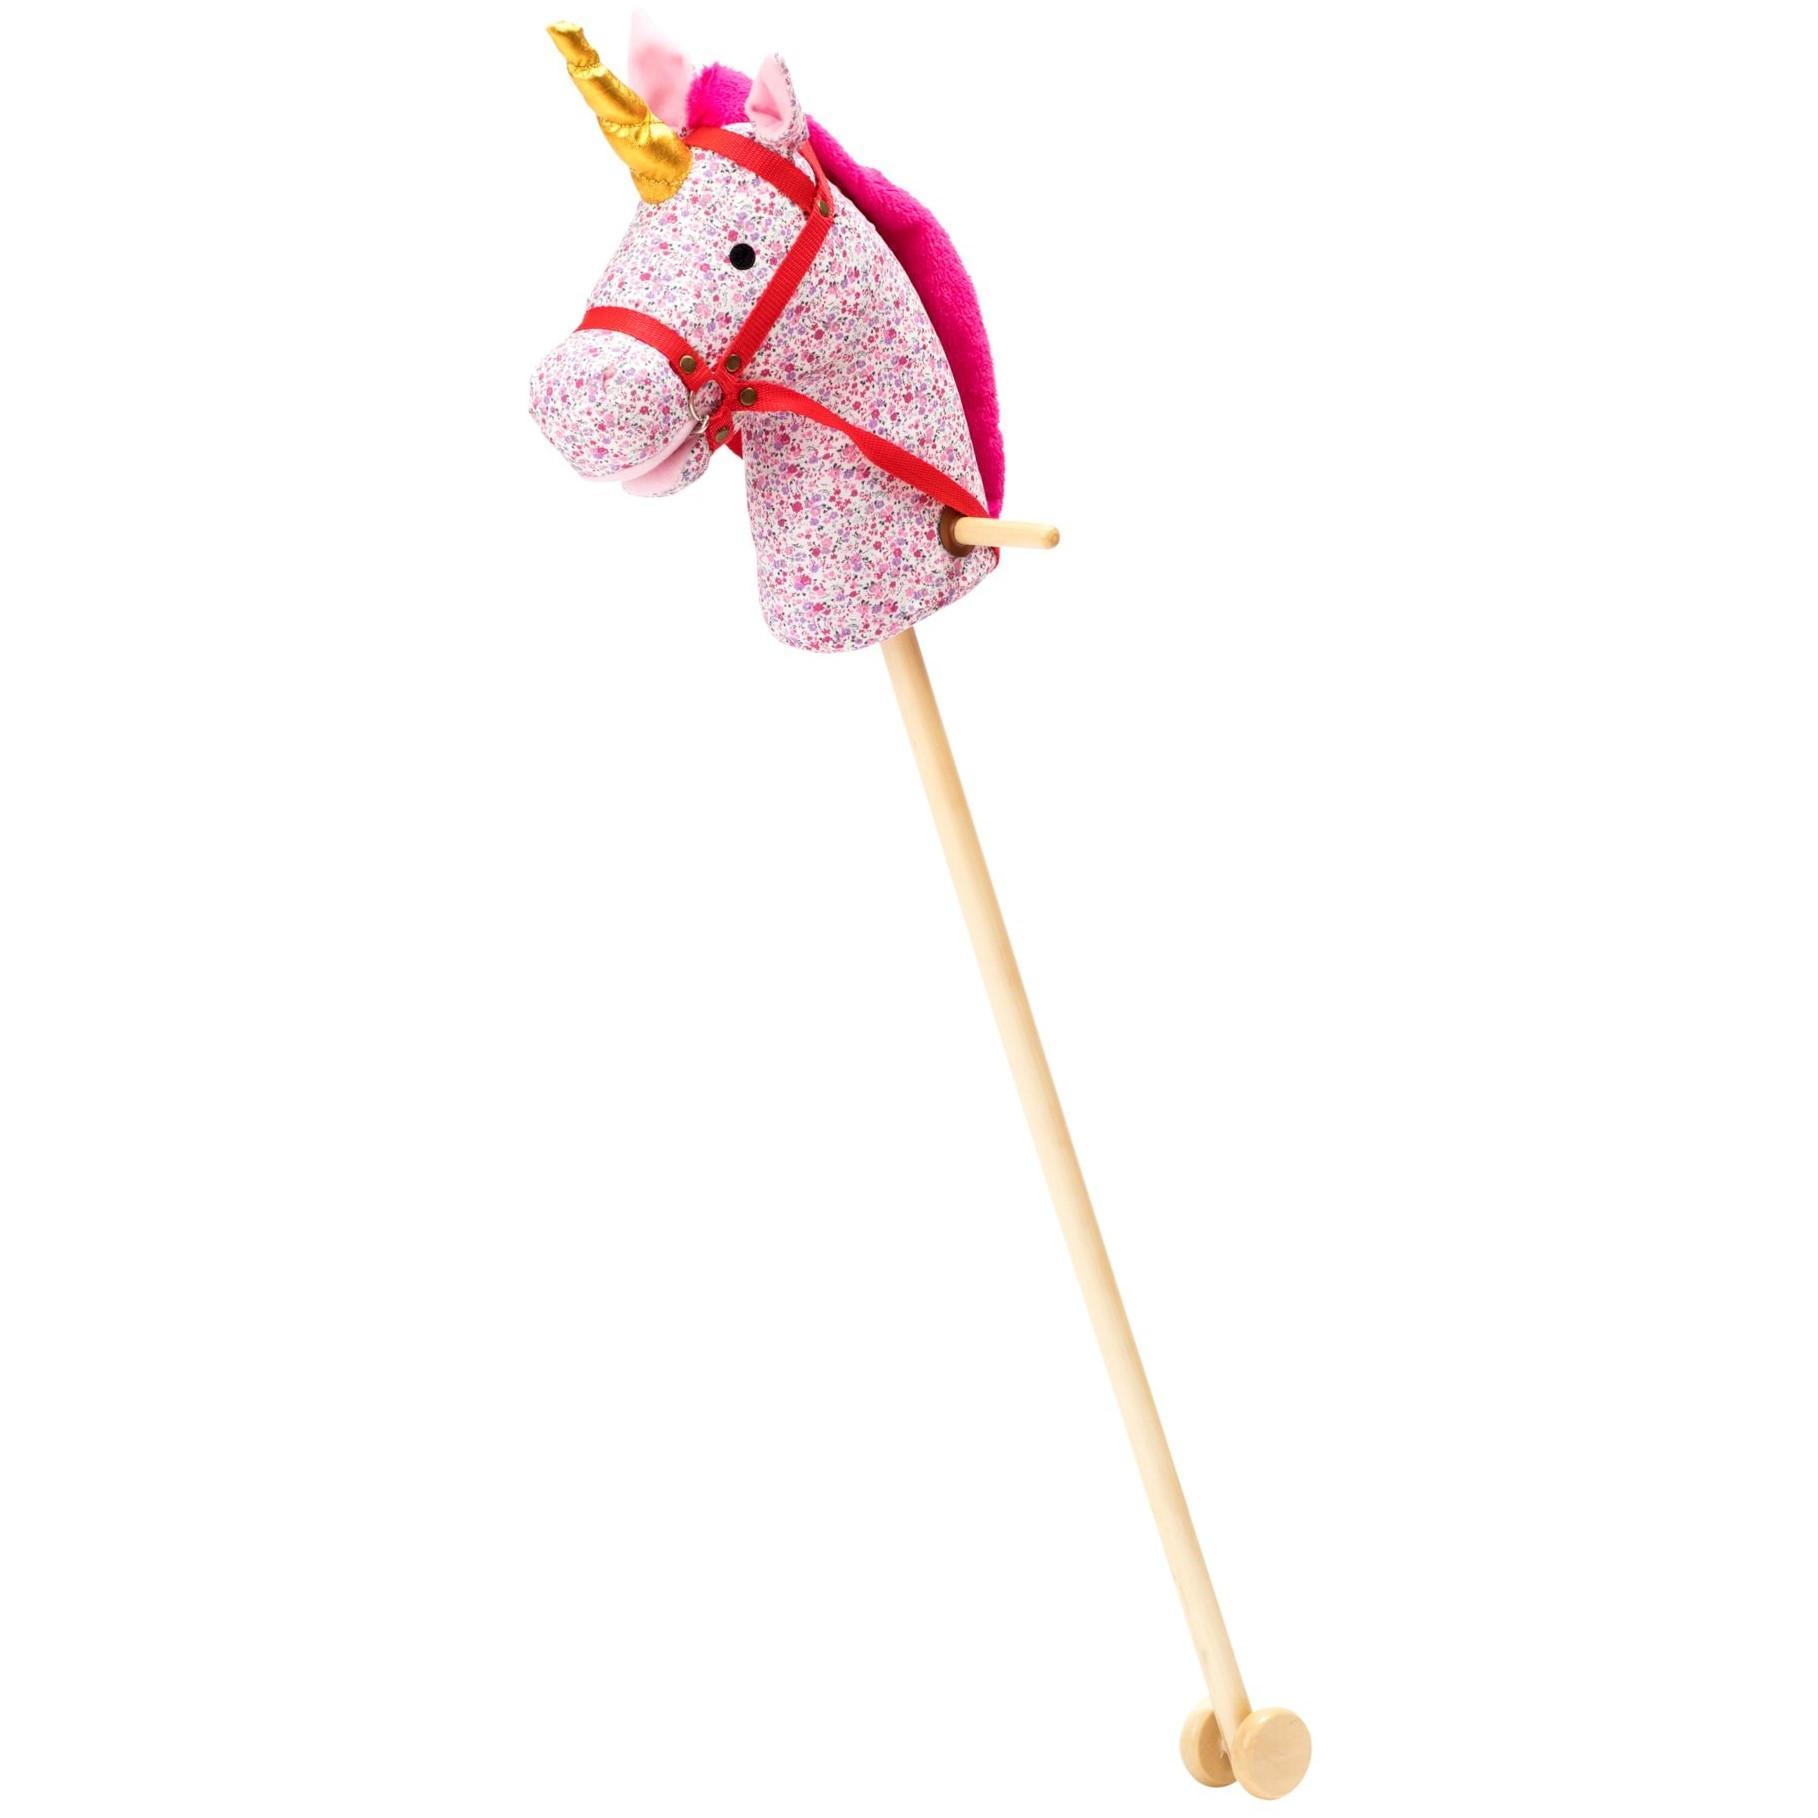 rice Dětský kůň na tyči Unicorn Pink, multi barva, přírodní barva, dřevo, textil